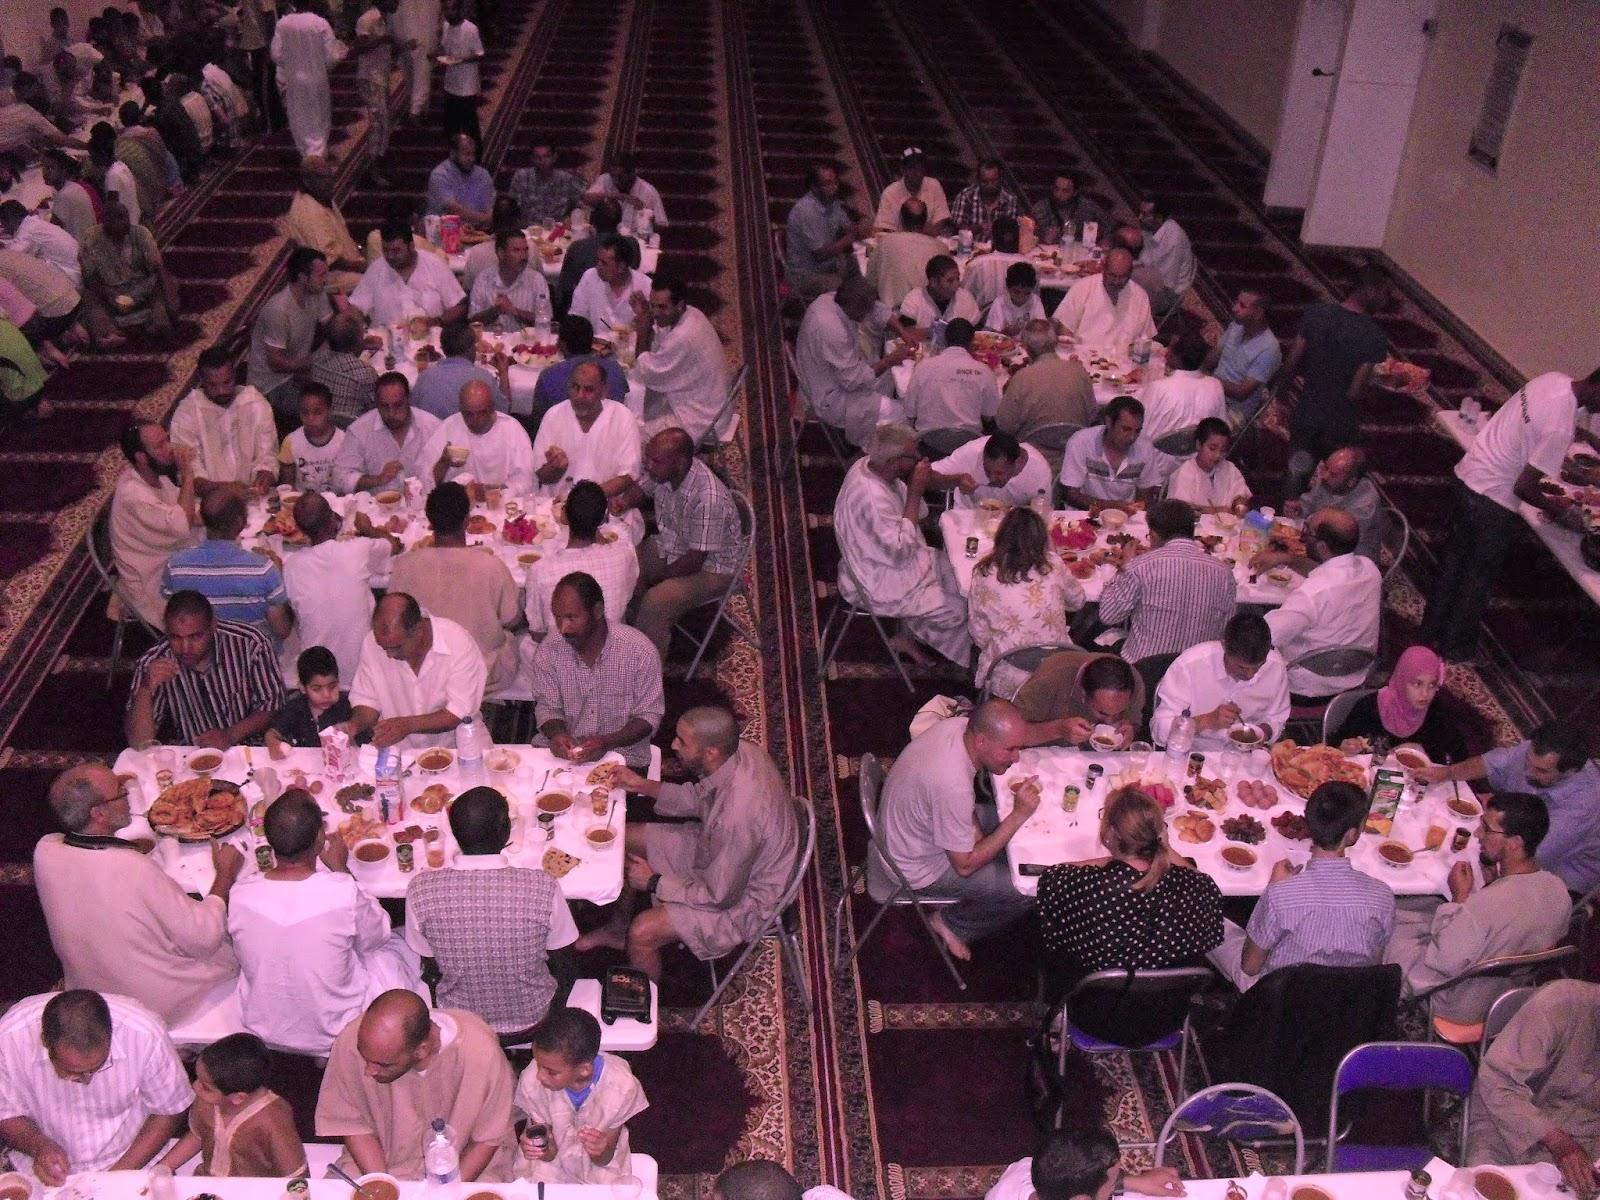 La Comunidad Islámica de Tortosa-Roquetes, celebra iftar popular